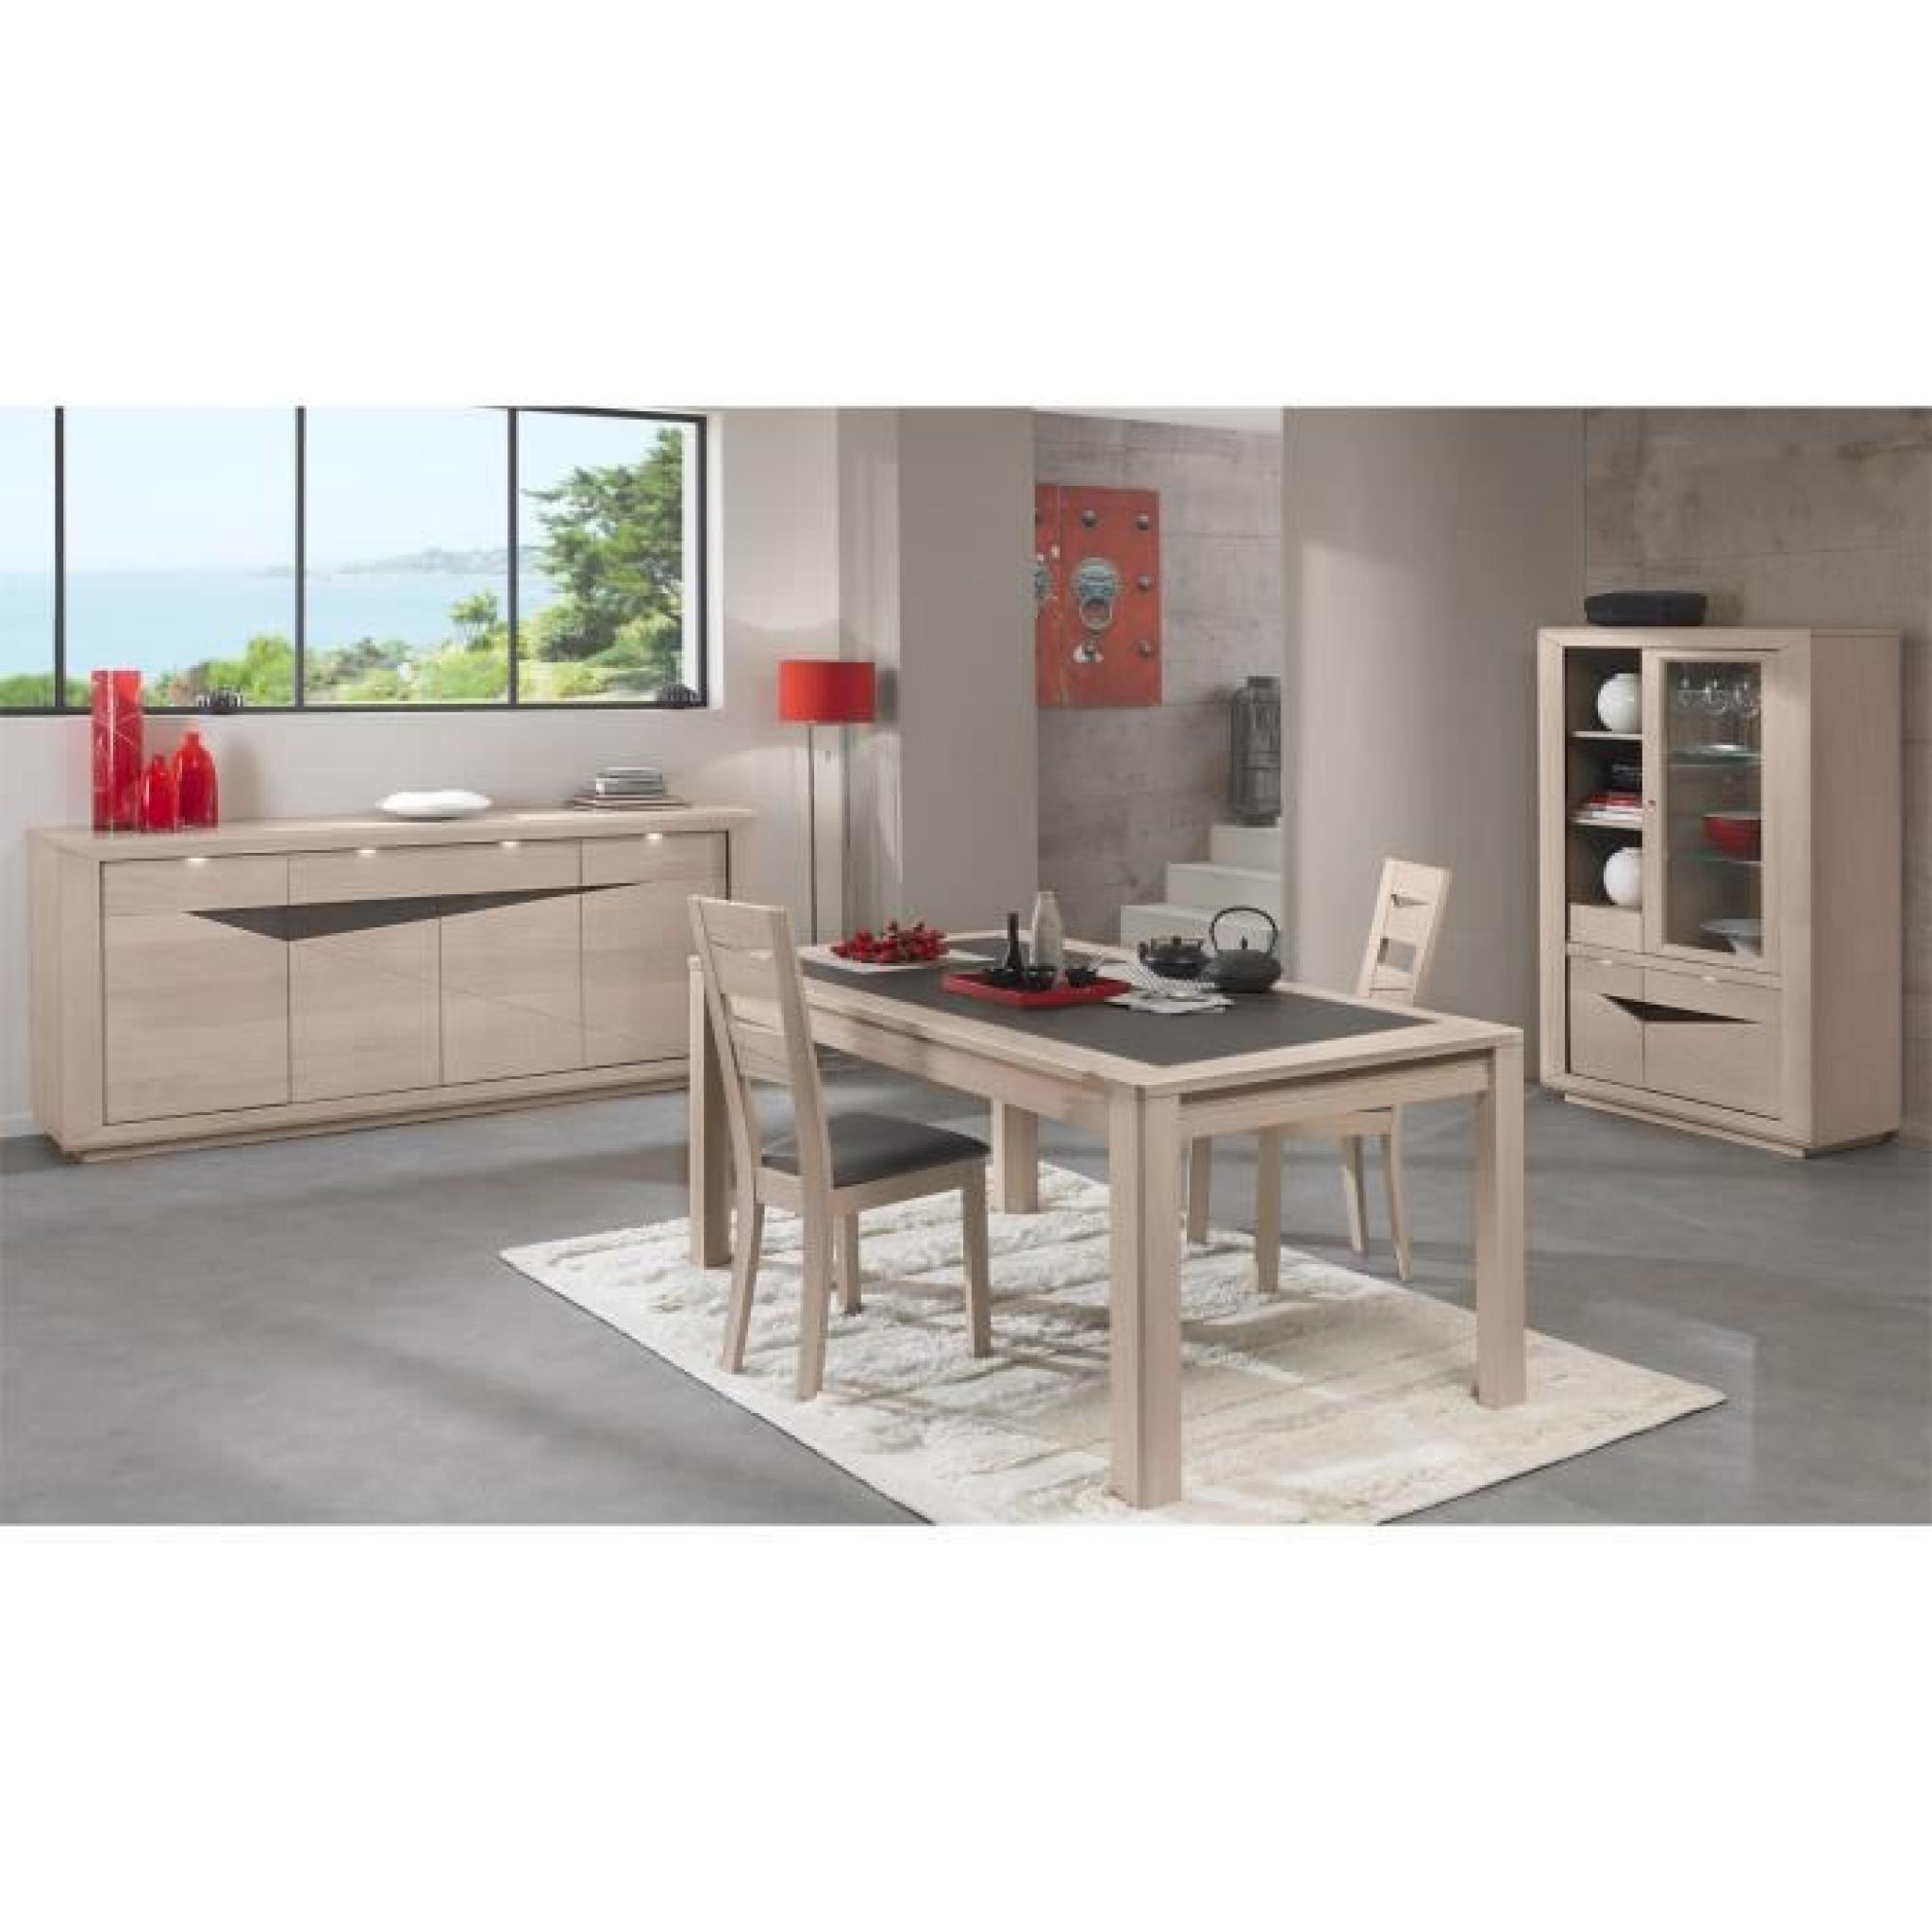 #9E2D30 Table Céramique MONACO (Chêne Gris Mat L.160 X H.77 X P  3883 salle a manger pas cher gris 2048x2048 px @ aertt.com